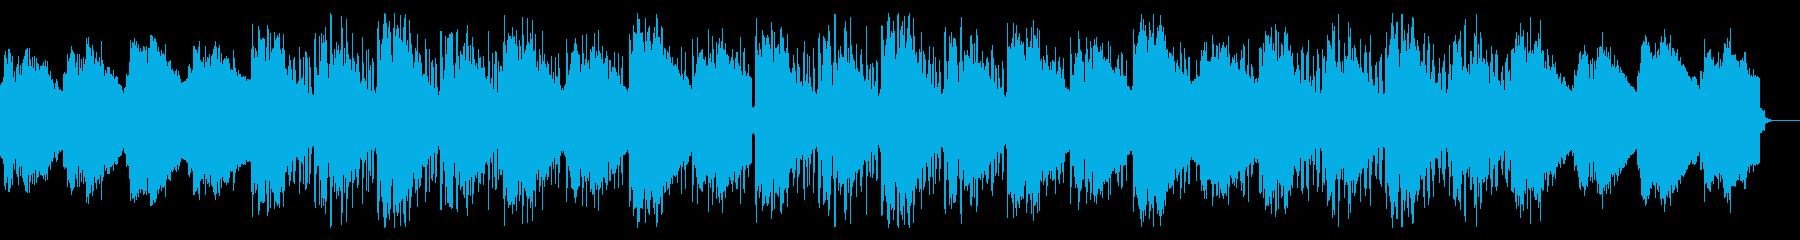 ねじれた不可思議なテクスチャの再生済みの波形